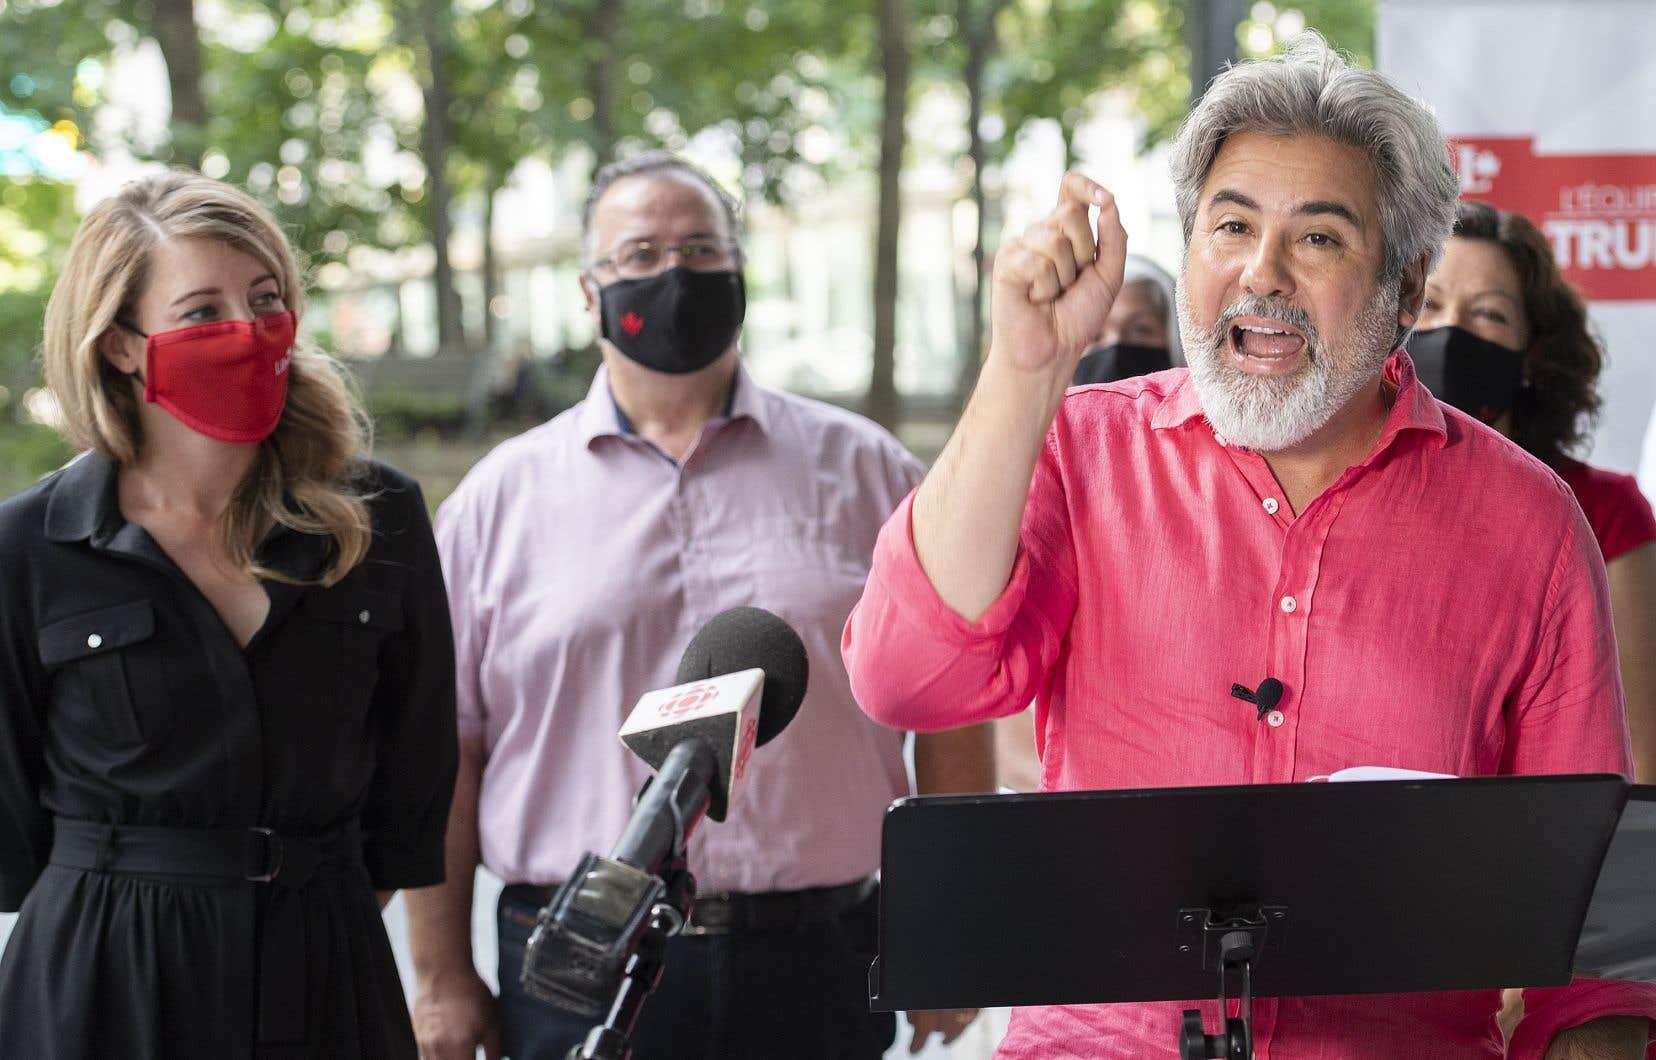 Le leader parlementaire des libéraux fédéraux, Pablo Rodriguez, lors d'un point de presse, samedi après-midi, à Montréal, avec, accompagné, à gauche, de la ministre du Développement économique et candidate dans Ahuntsic-Cartierville, Mélanie Joly.